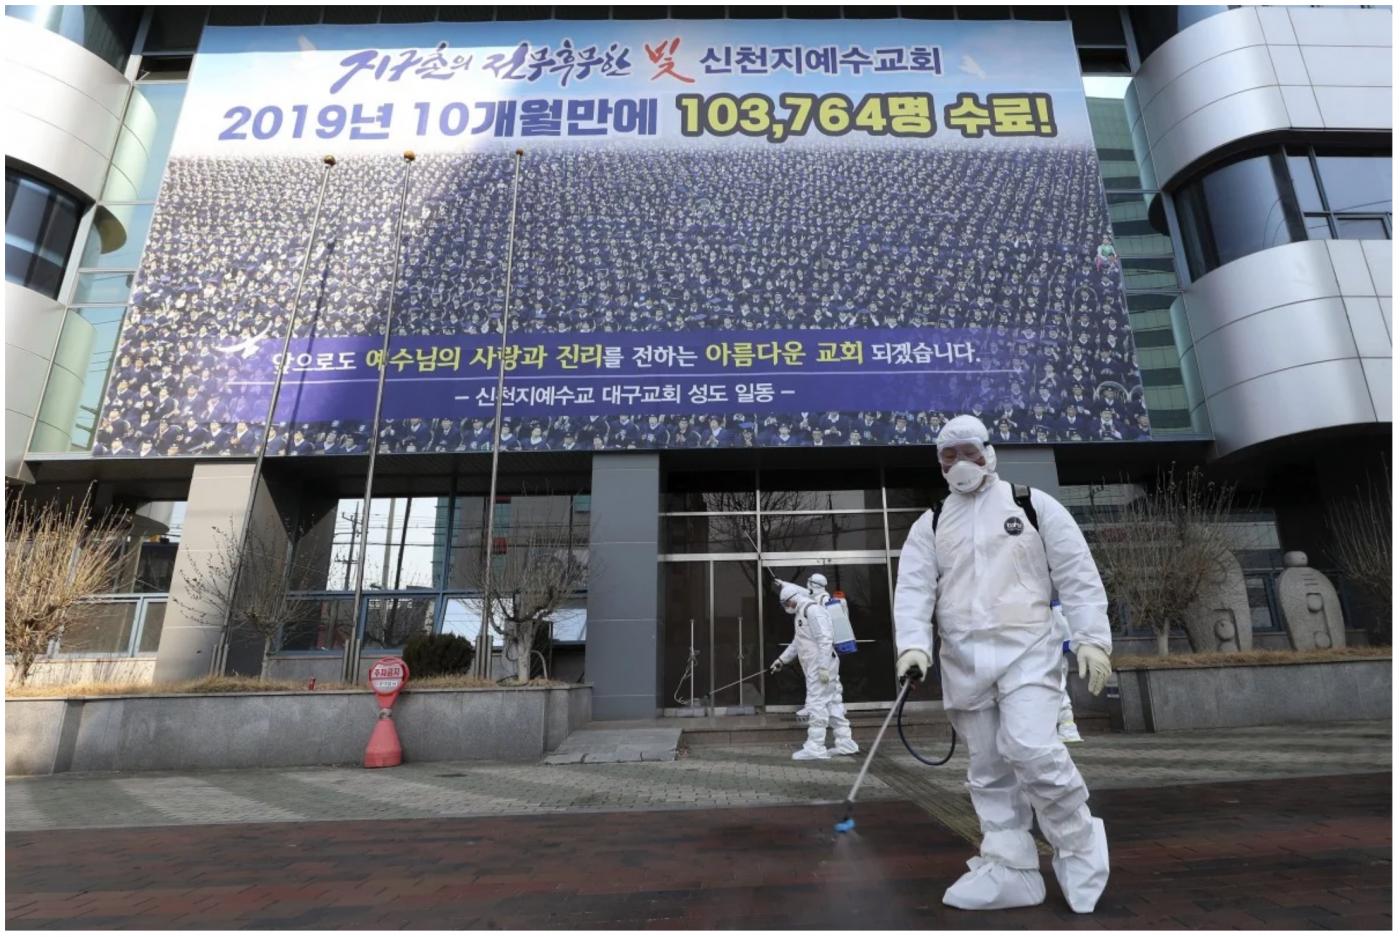 中国境外新增确诊人数首次超过境内_图1-2